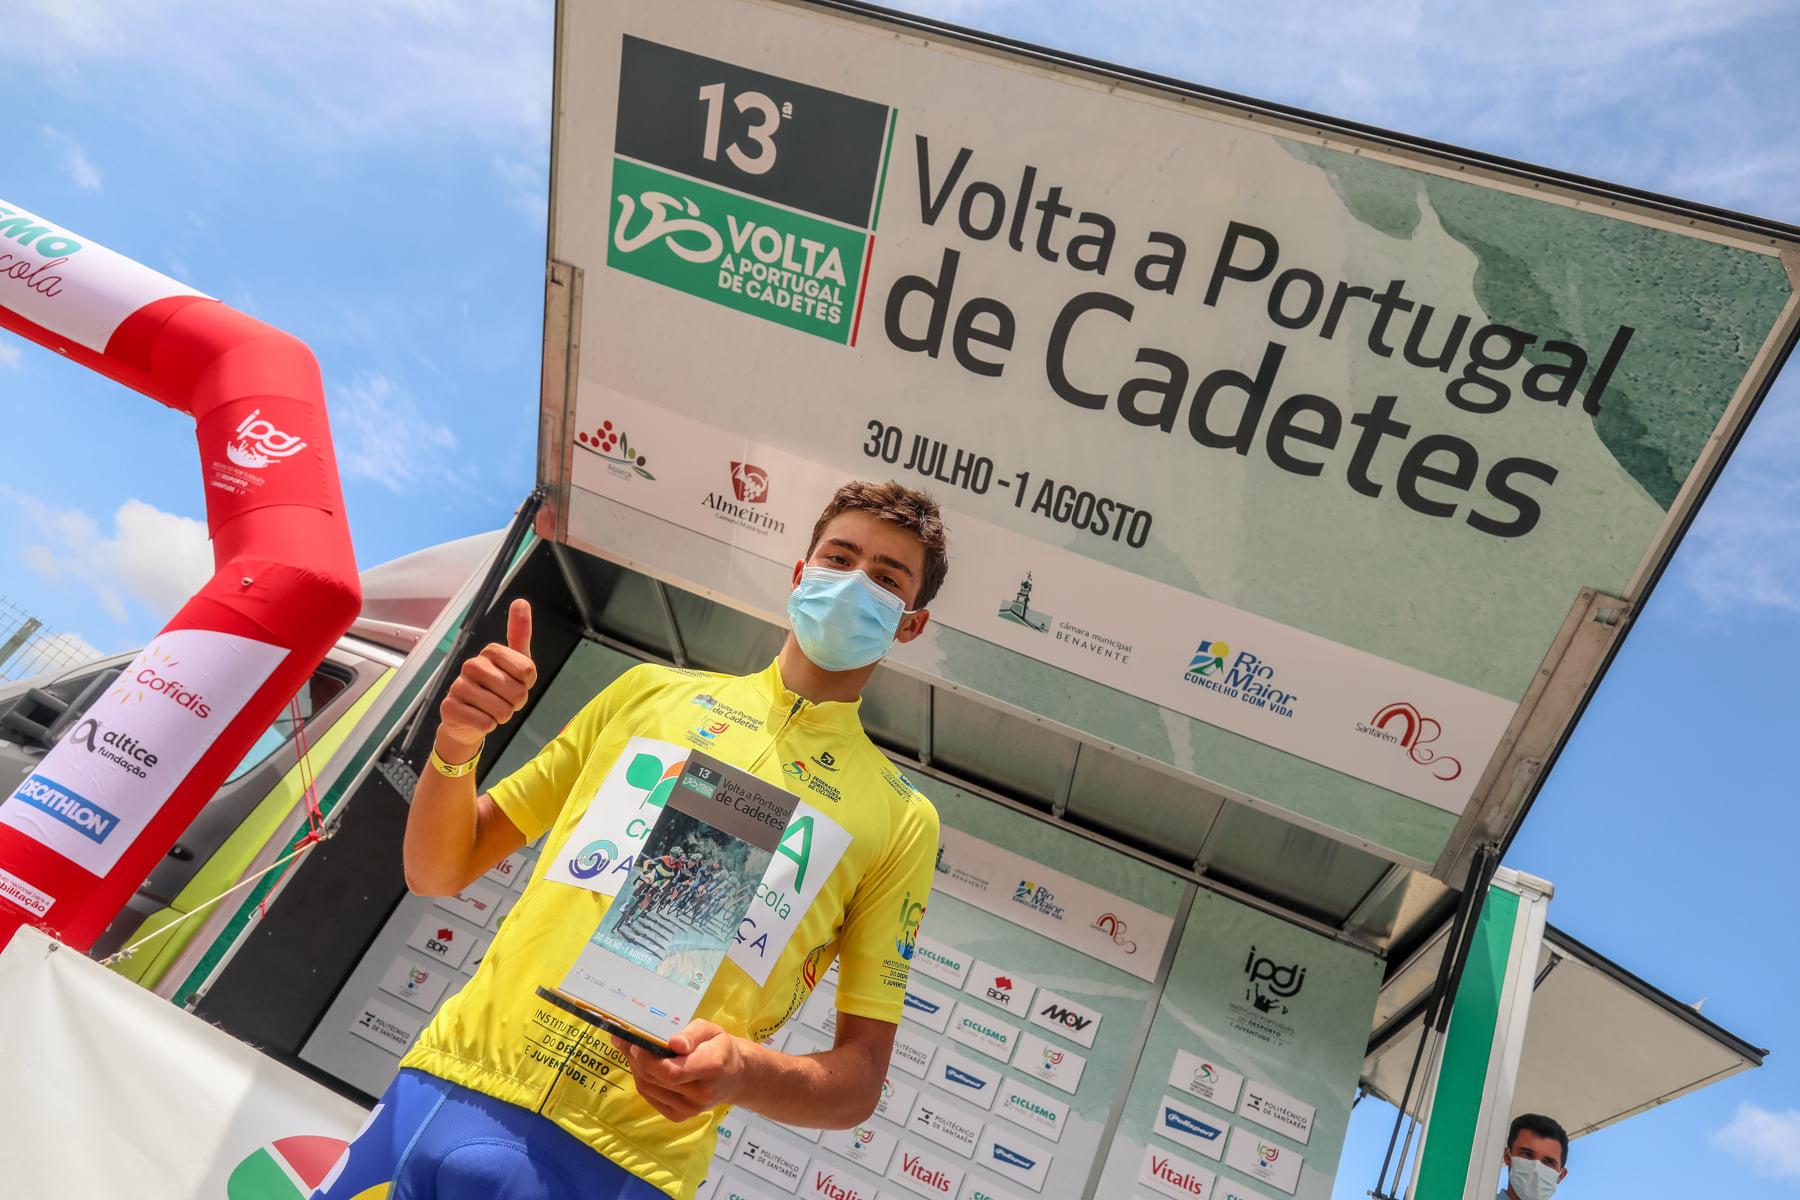 A Volta a Portugal é portuguesa! Tiago Santos é o vencedor da Volta a Portugal de Cadetes!